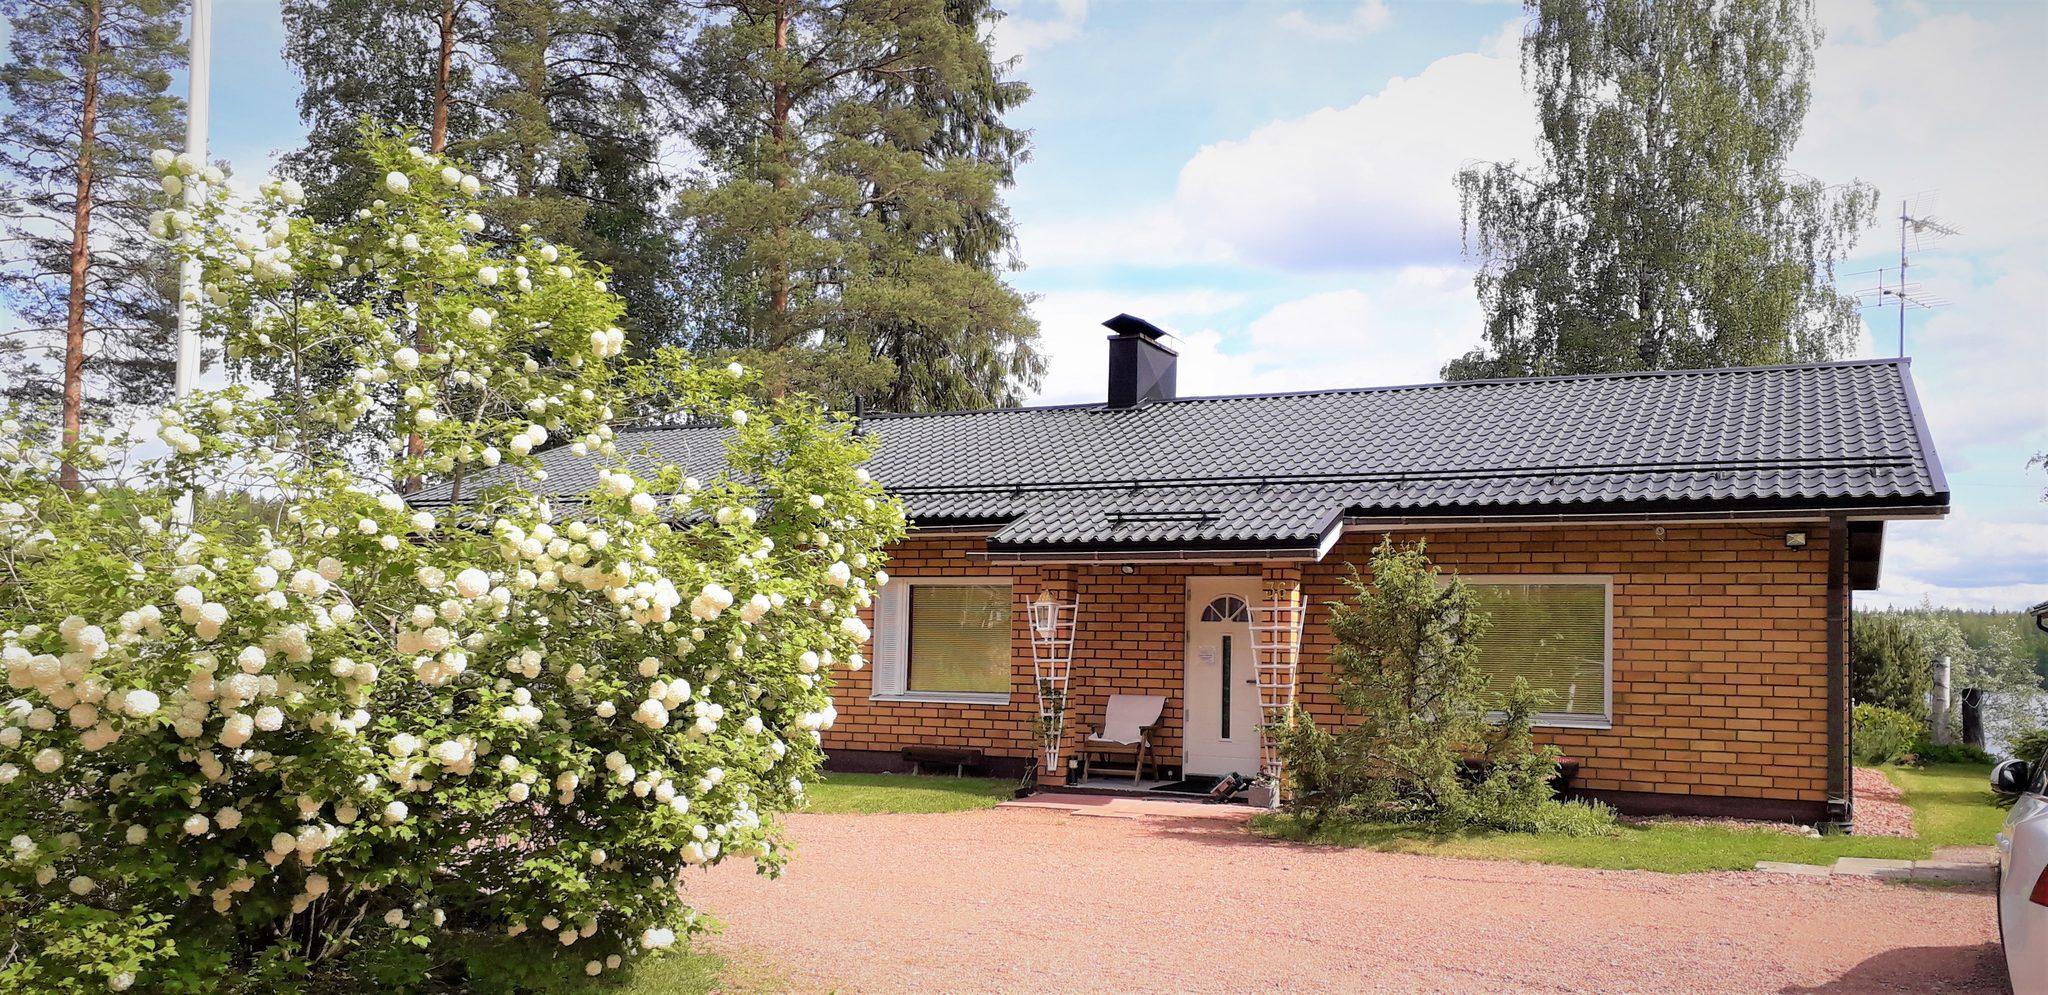 Ta en paus från vardagen och njut av naturen på Käenkoski Parkano